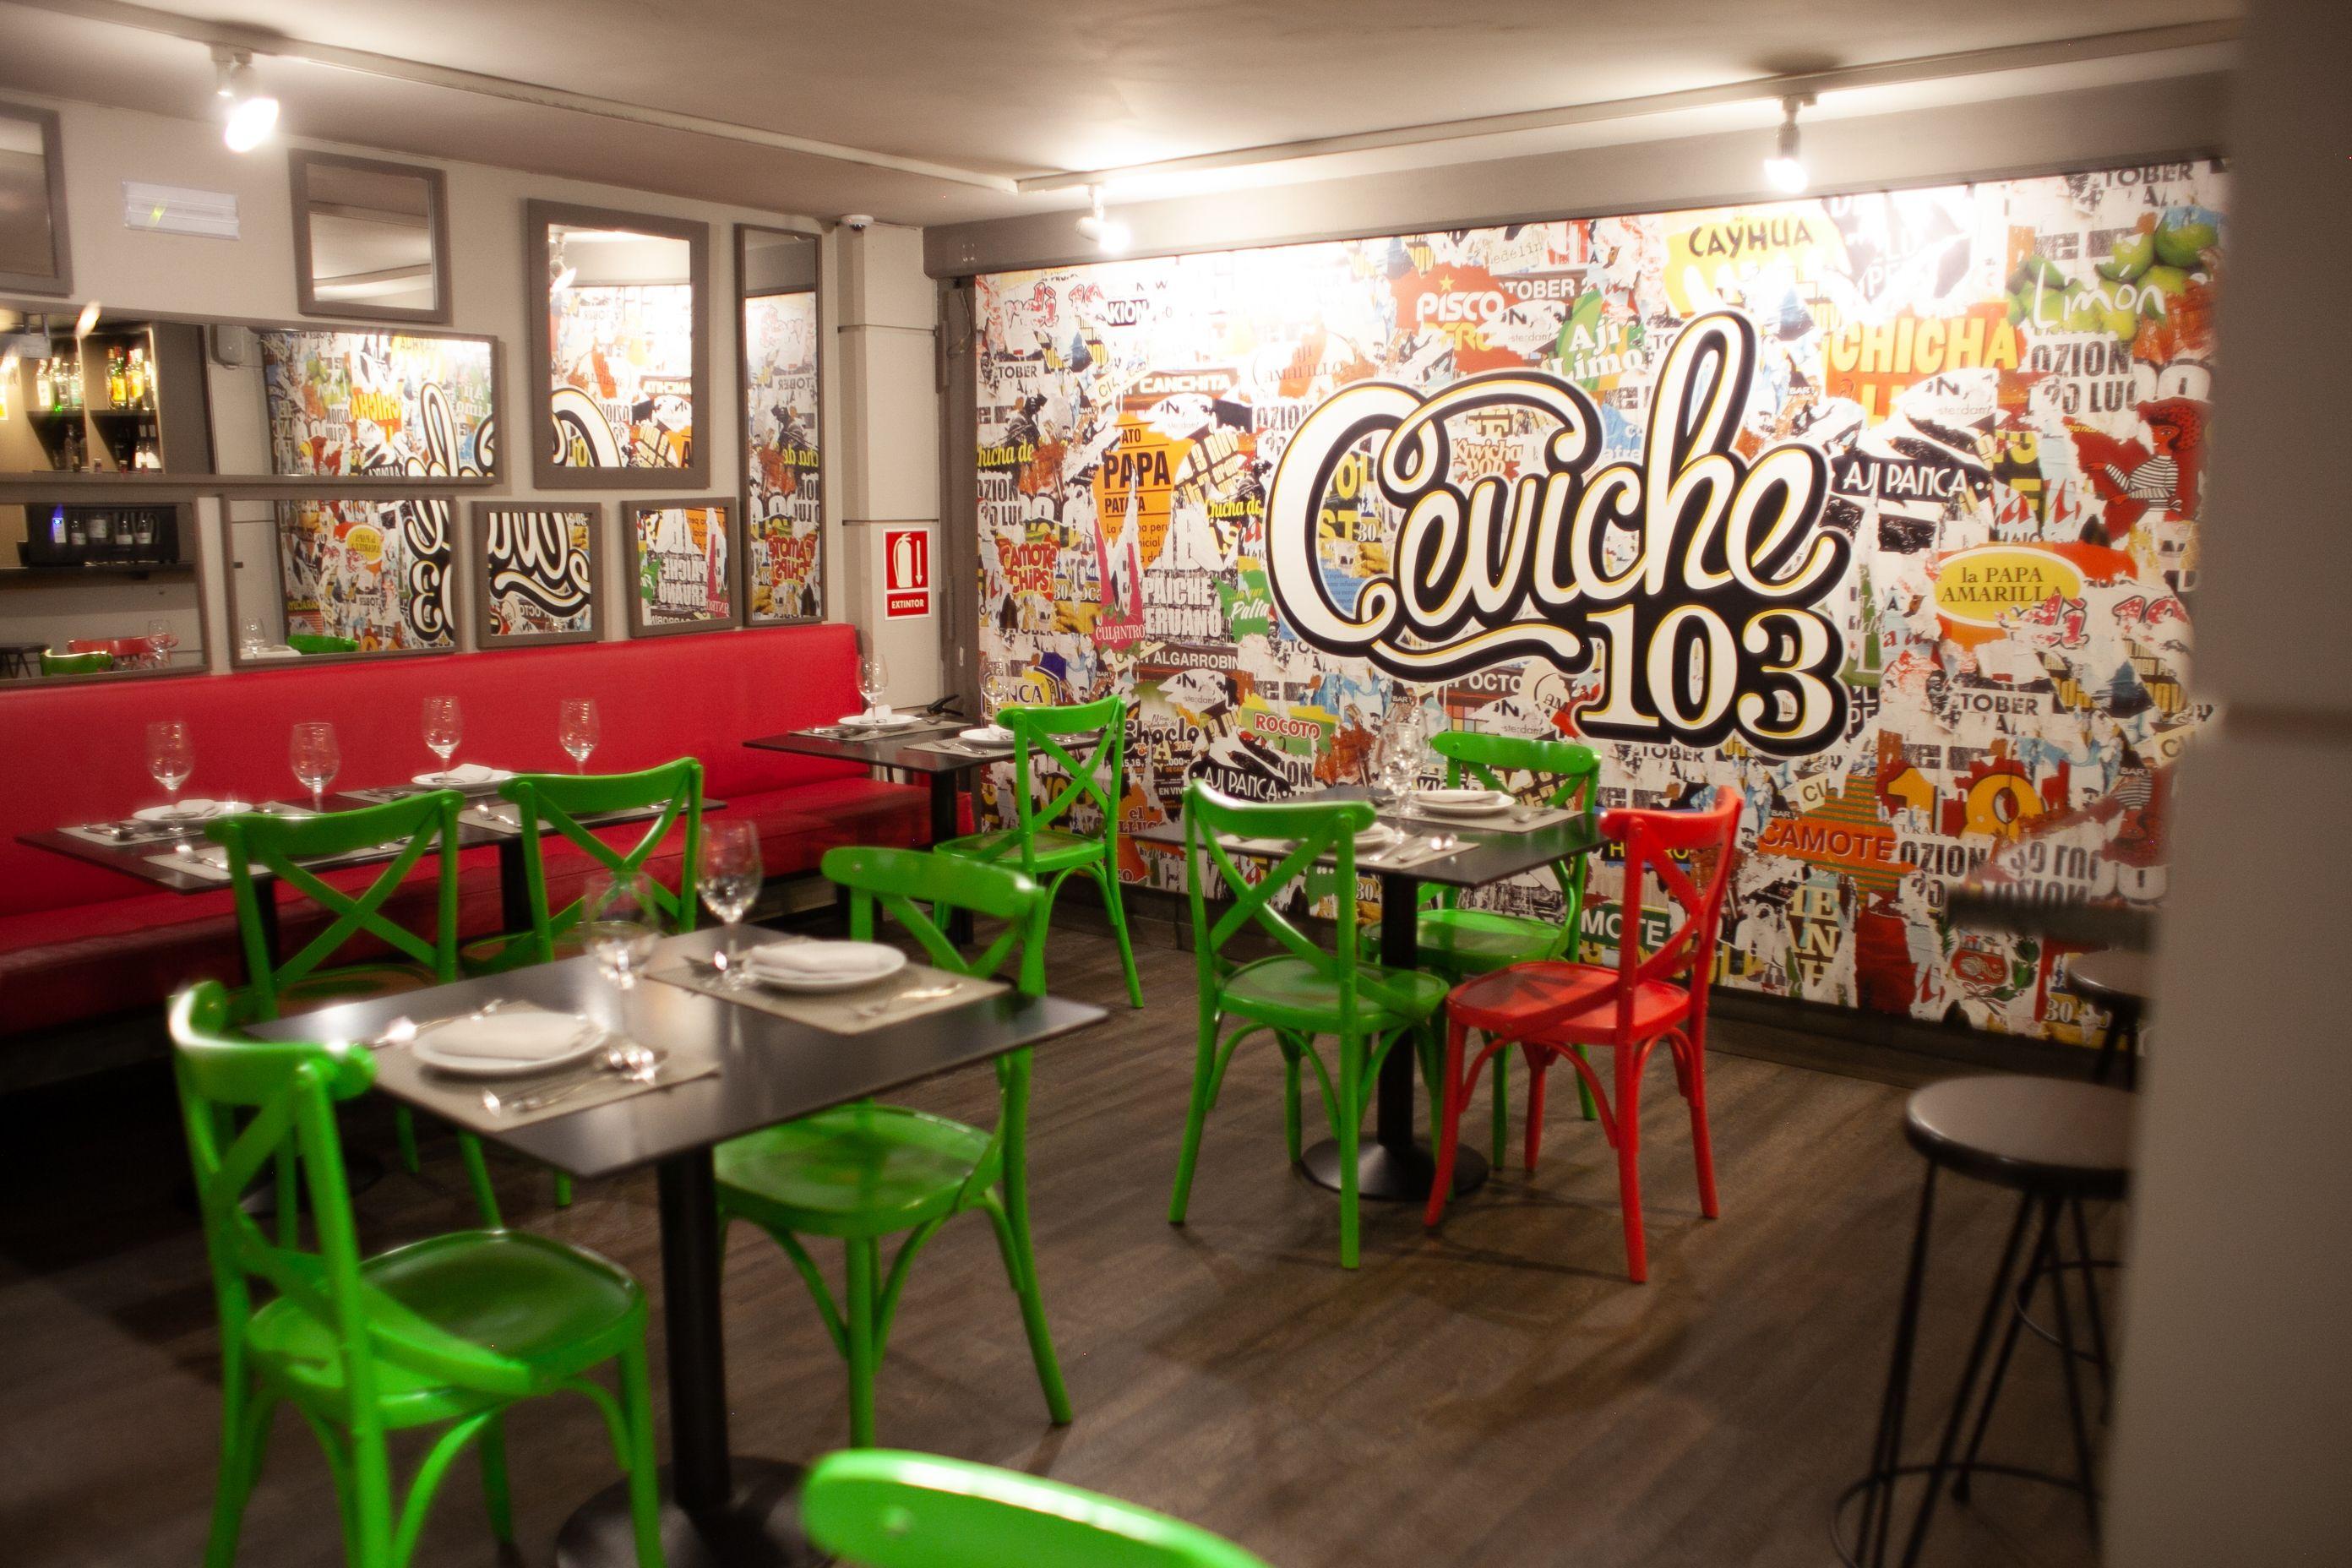 Visita Ceviche 103